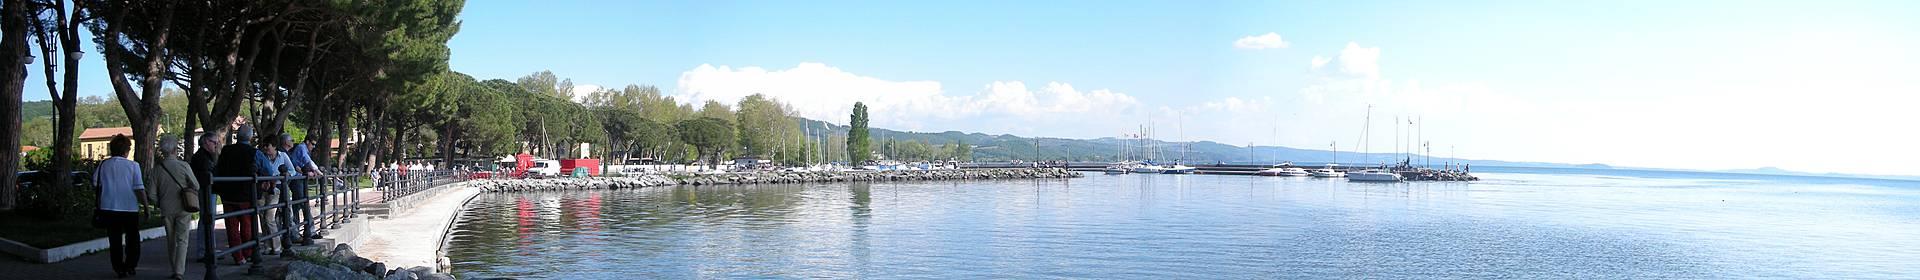 Lac Bolsena.